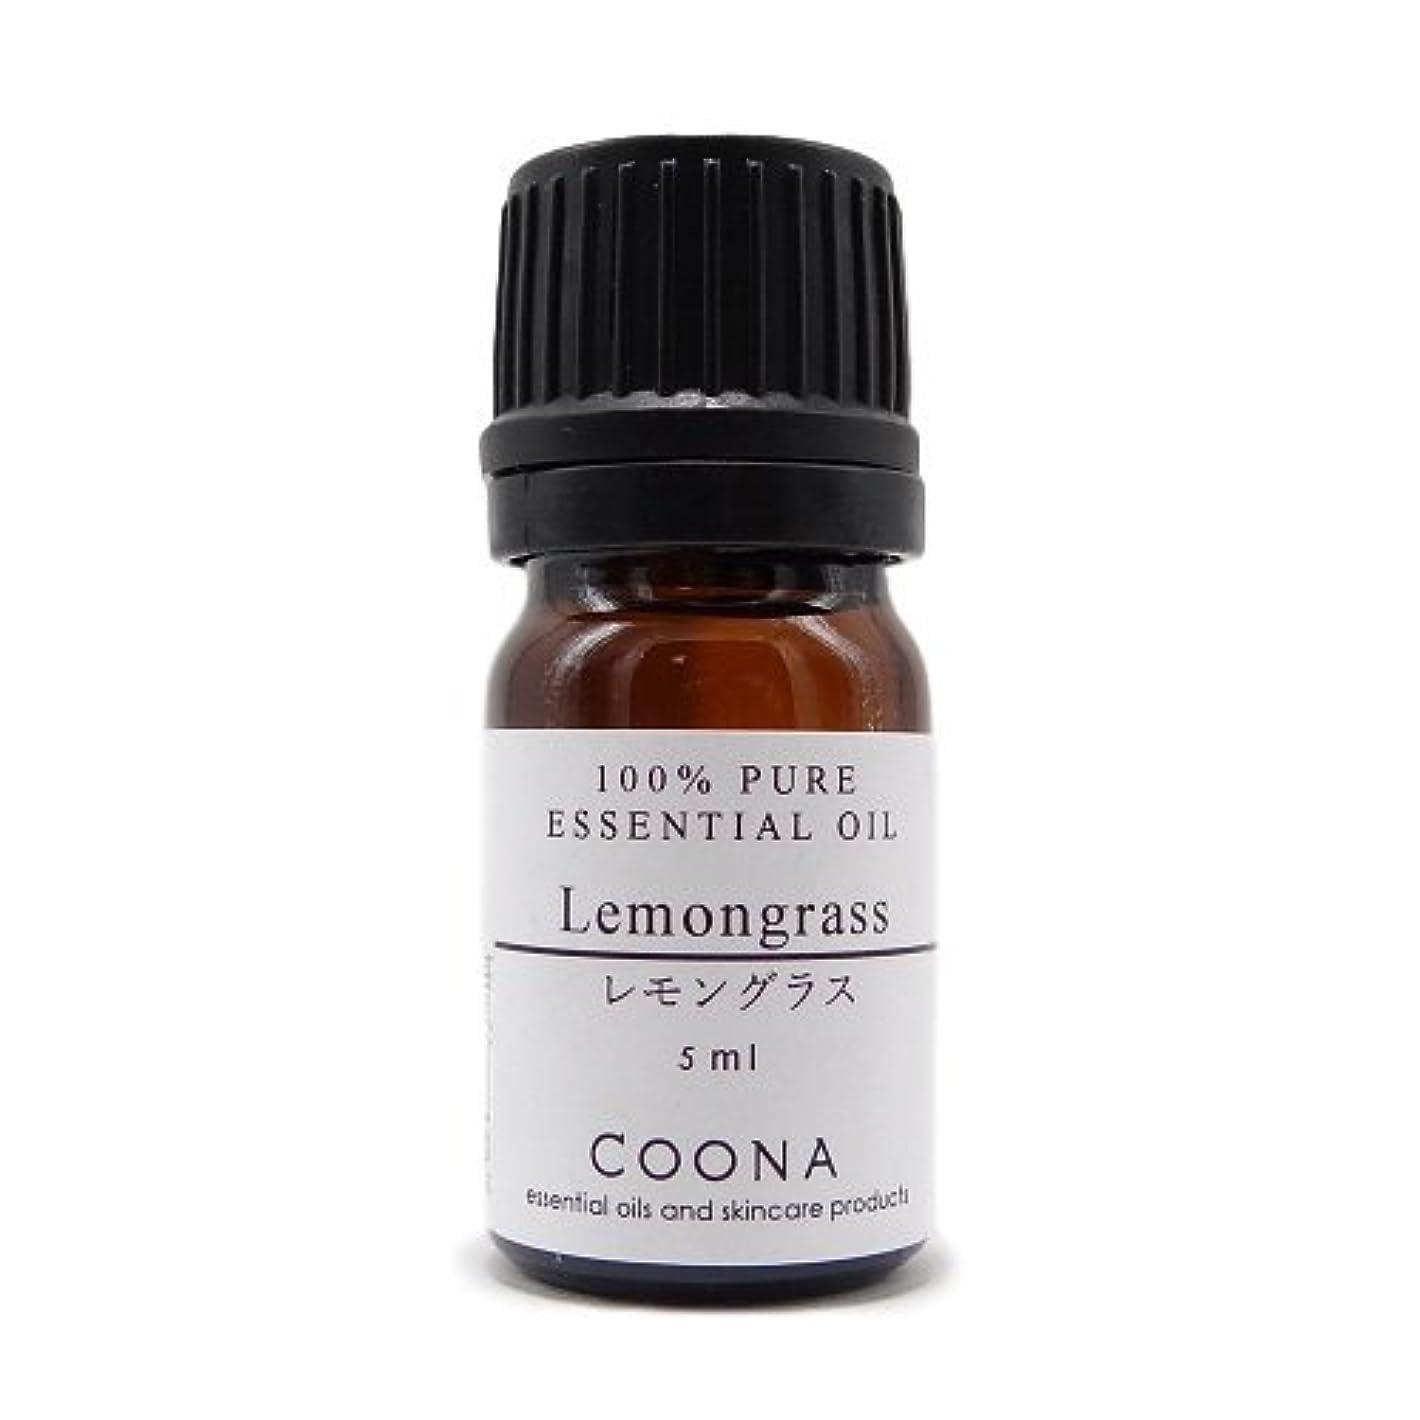 ズームインする均等に恨みレモングラス 5ml (COONA エッセンシャルオイル アロマオイル 100%天然植物精油)